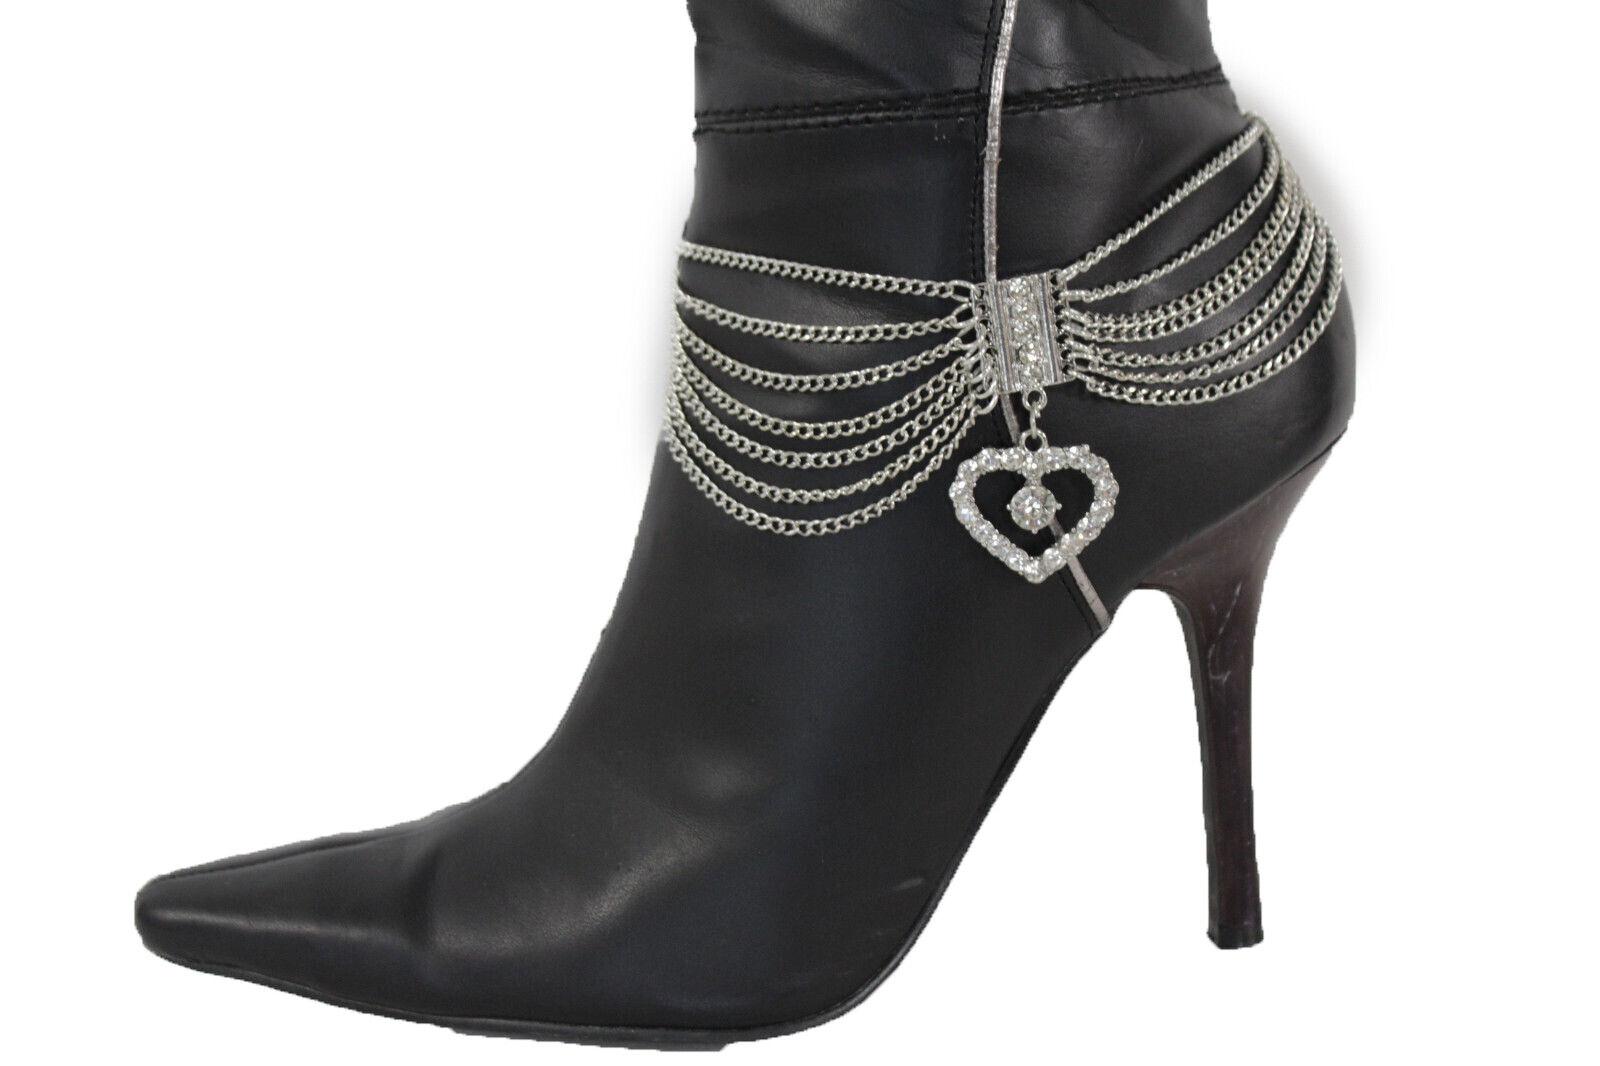 Women Western Anklet Chain Boot Silver Metal Bracelet Love Big Heart Shoe Charm